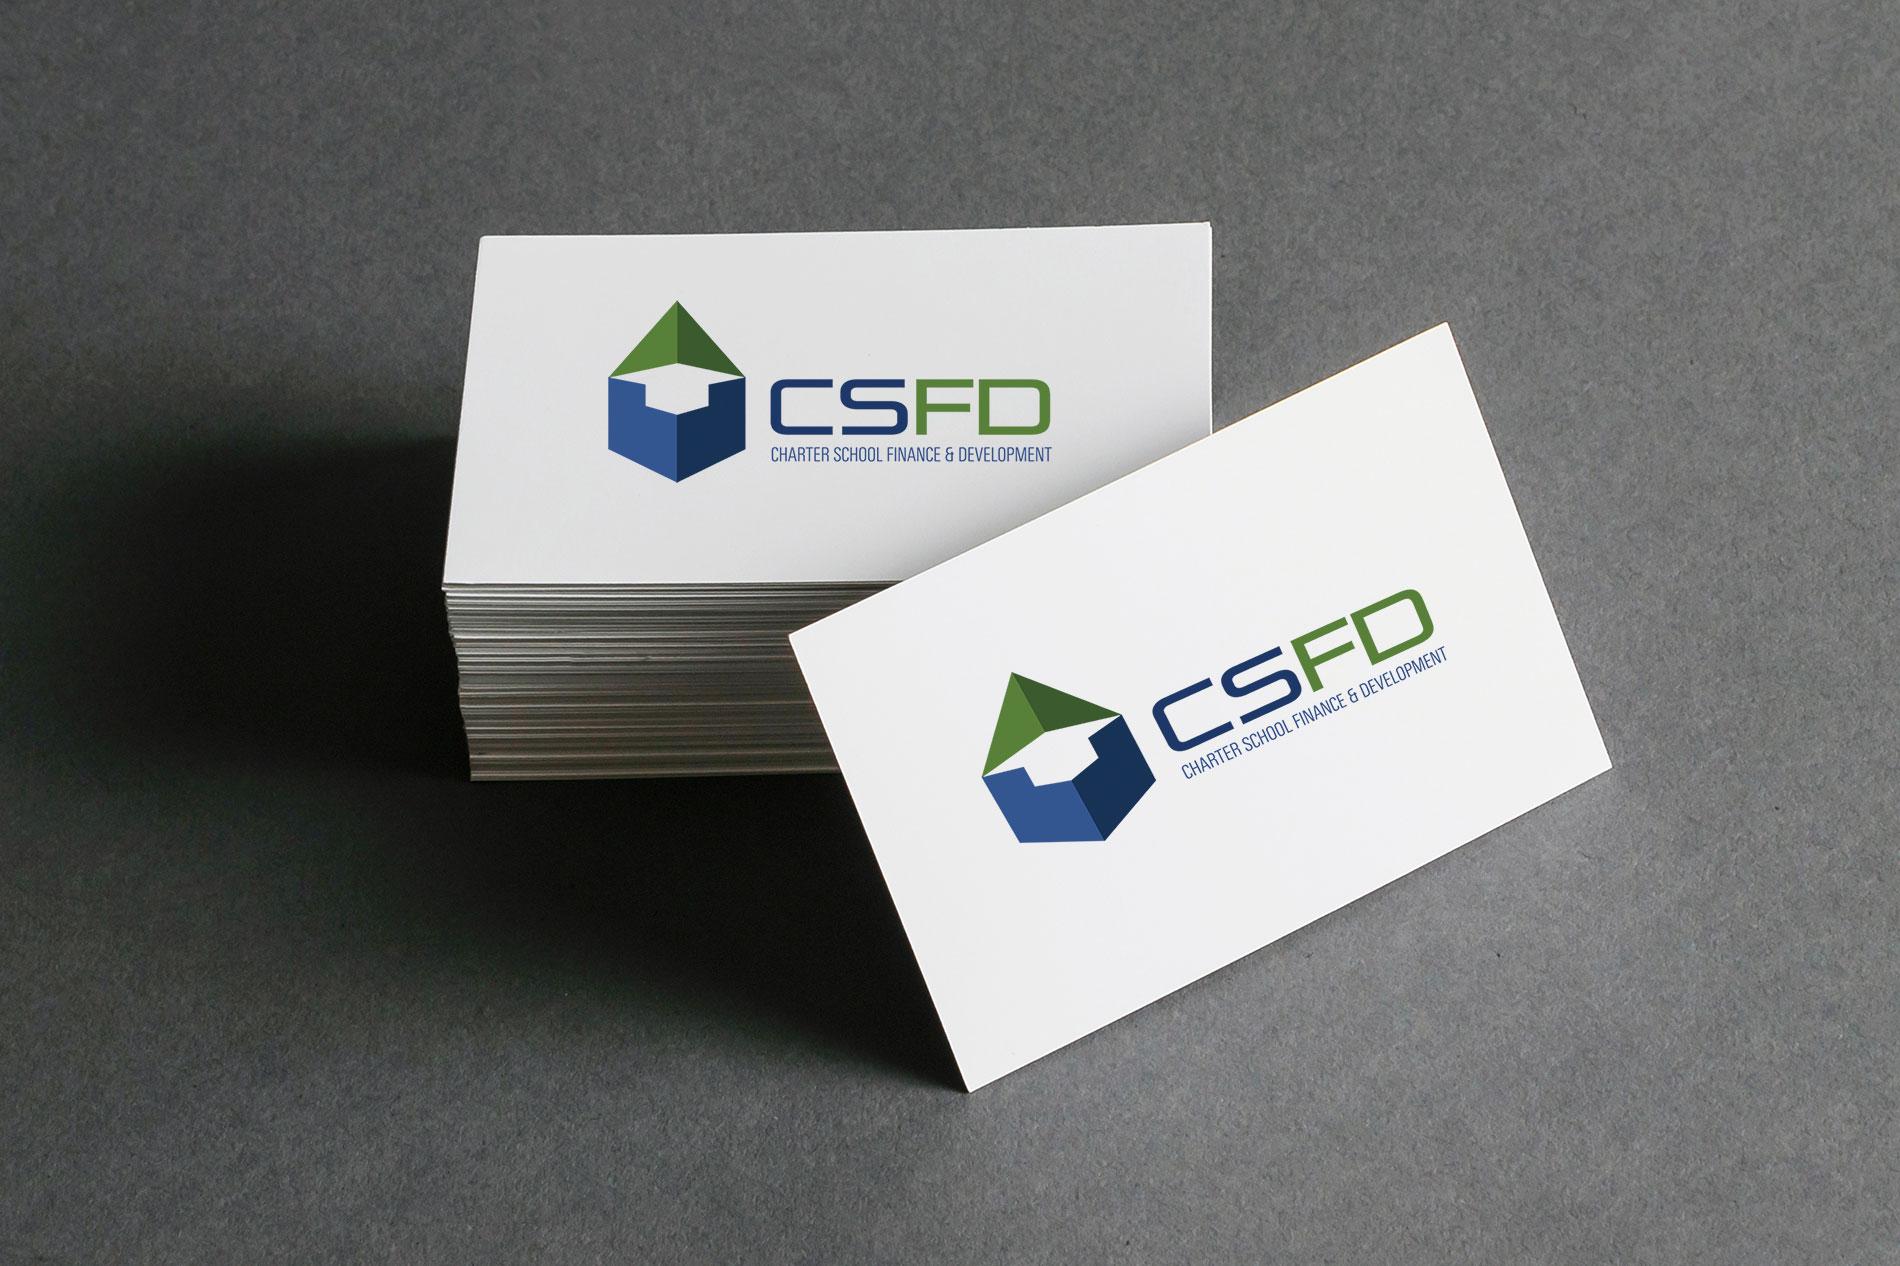 csfd-business-card